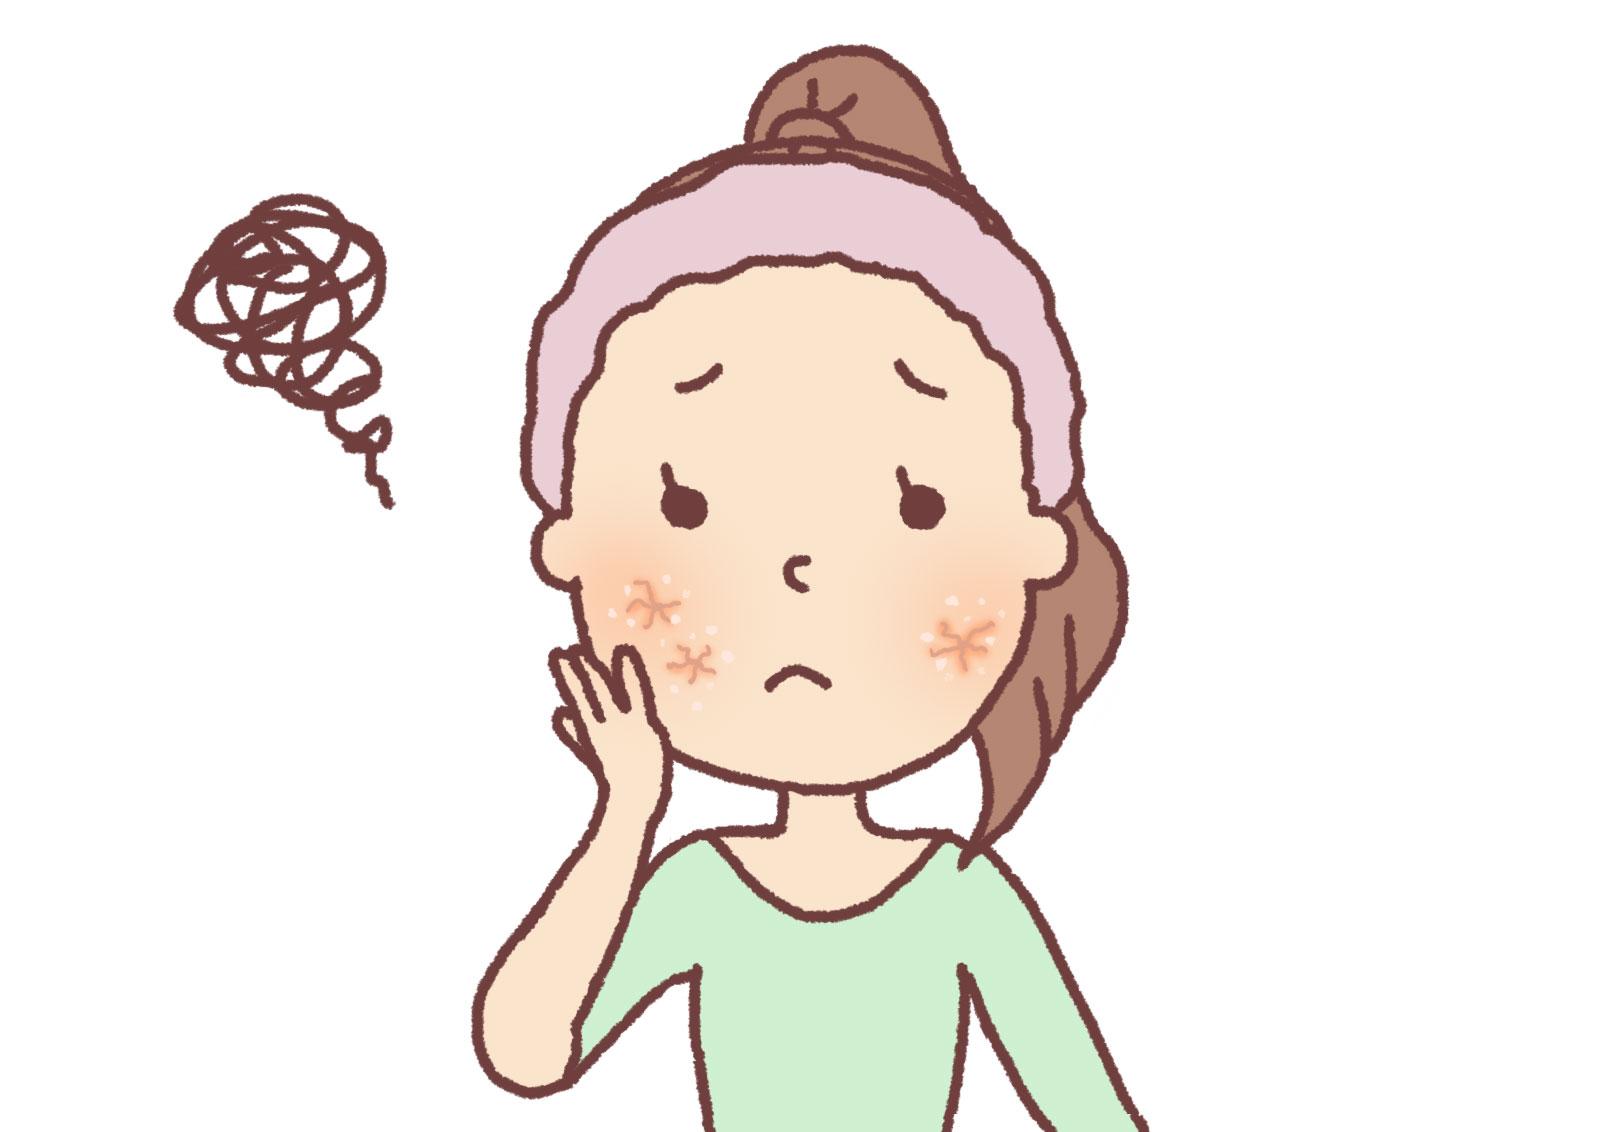 顔が肌荒れでヒリヒリする場合の原因と対処法をご紹介